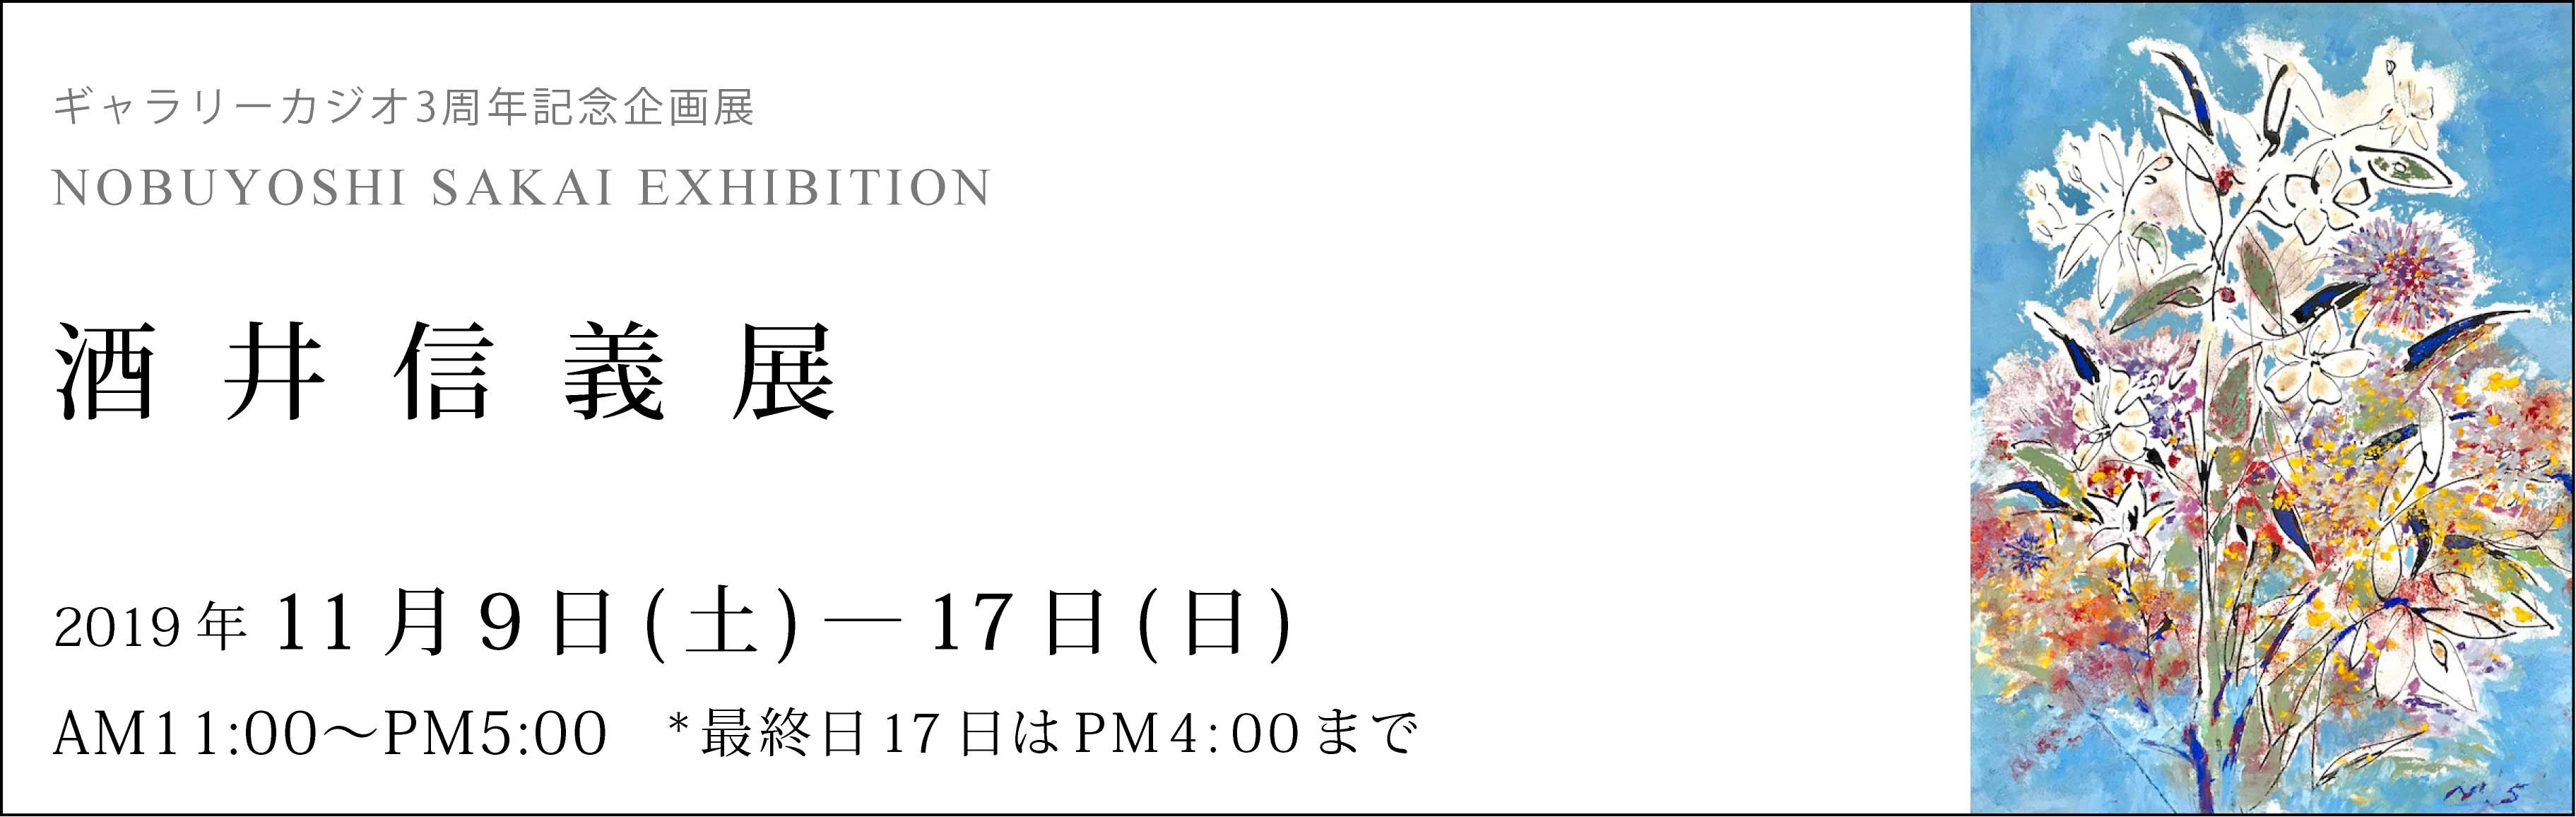 sakai_2019-11